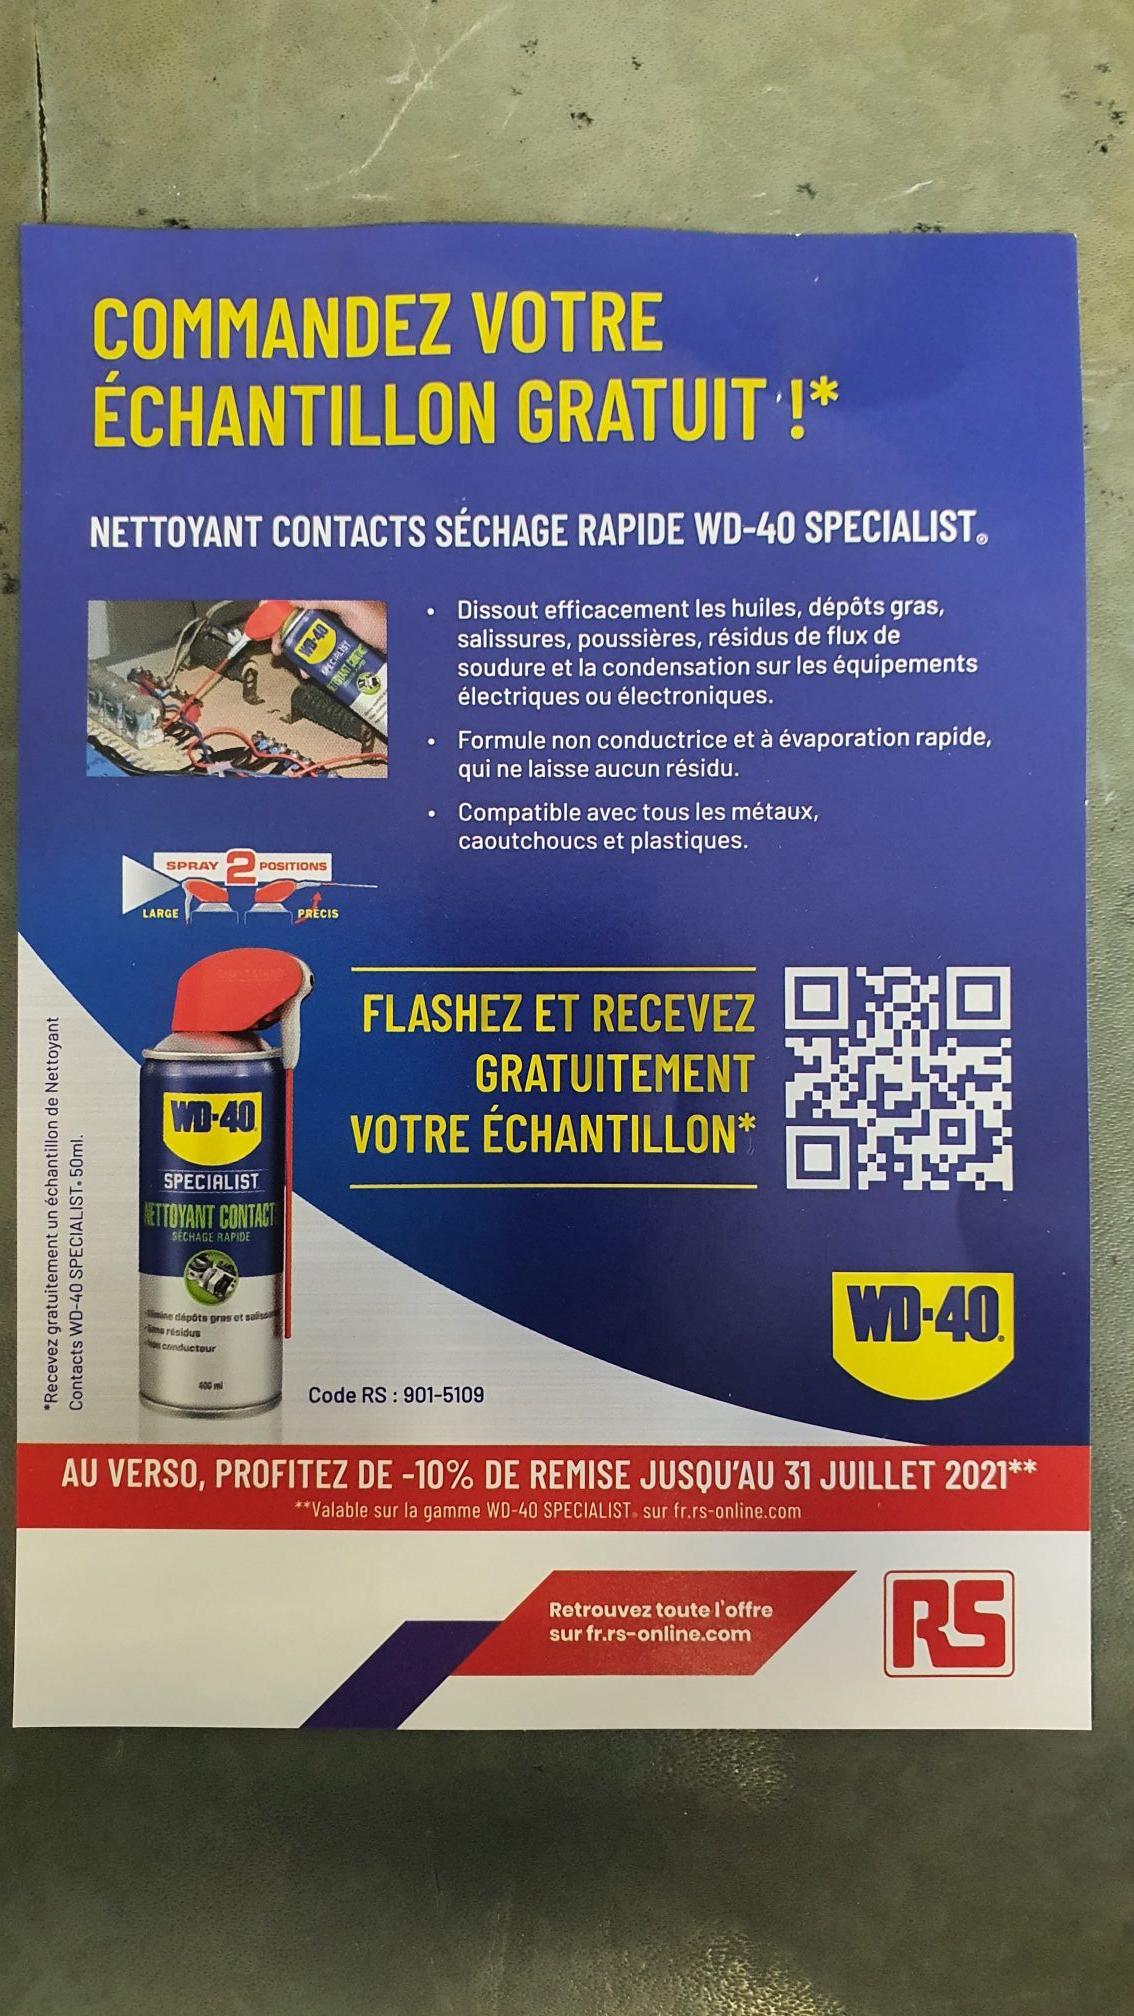 Echantillon Nettoyant contacts WD-40 Specialist 50ml Gratuit (wd40.fr)